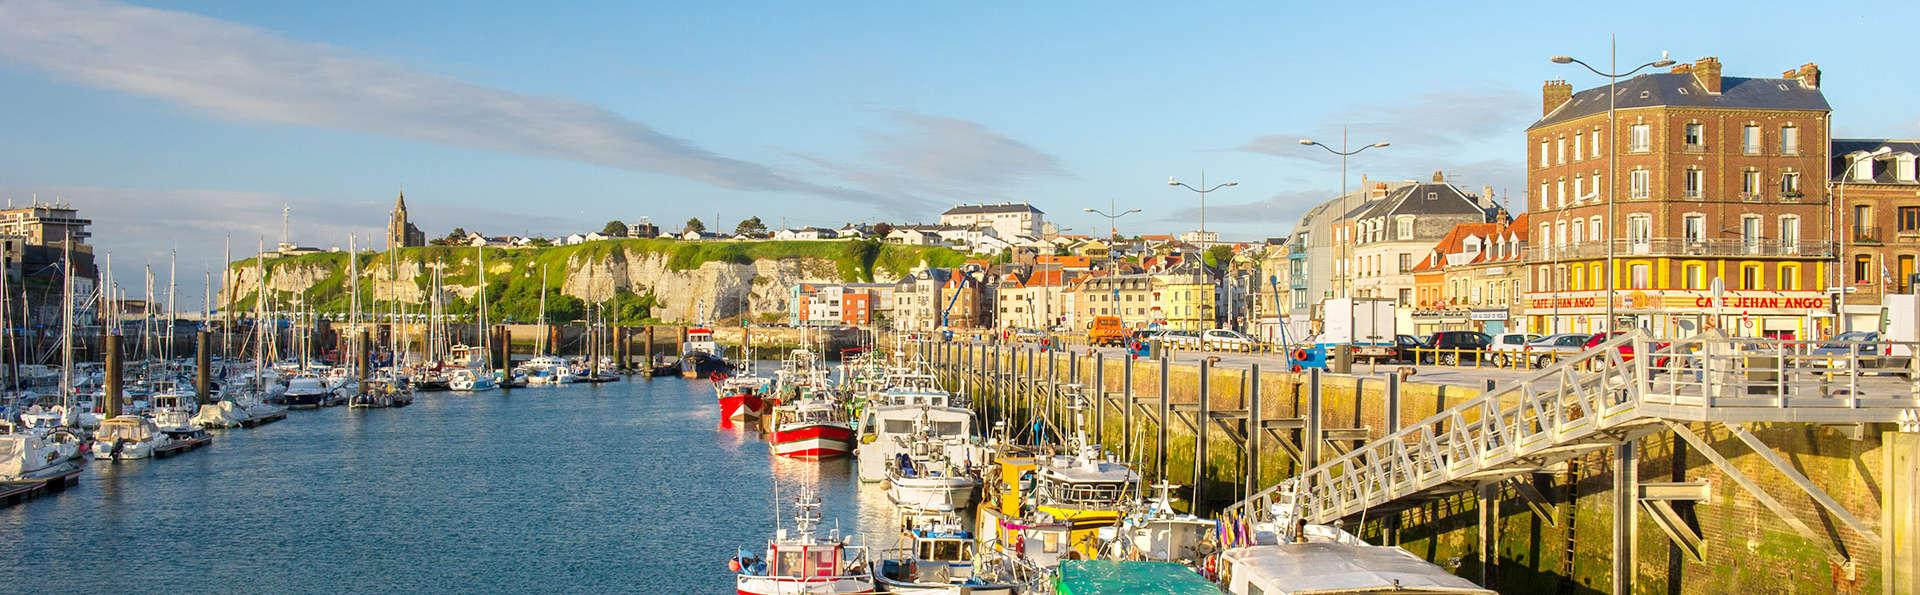 Charme weekend in Dieppe